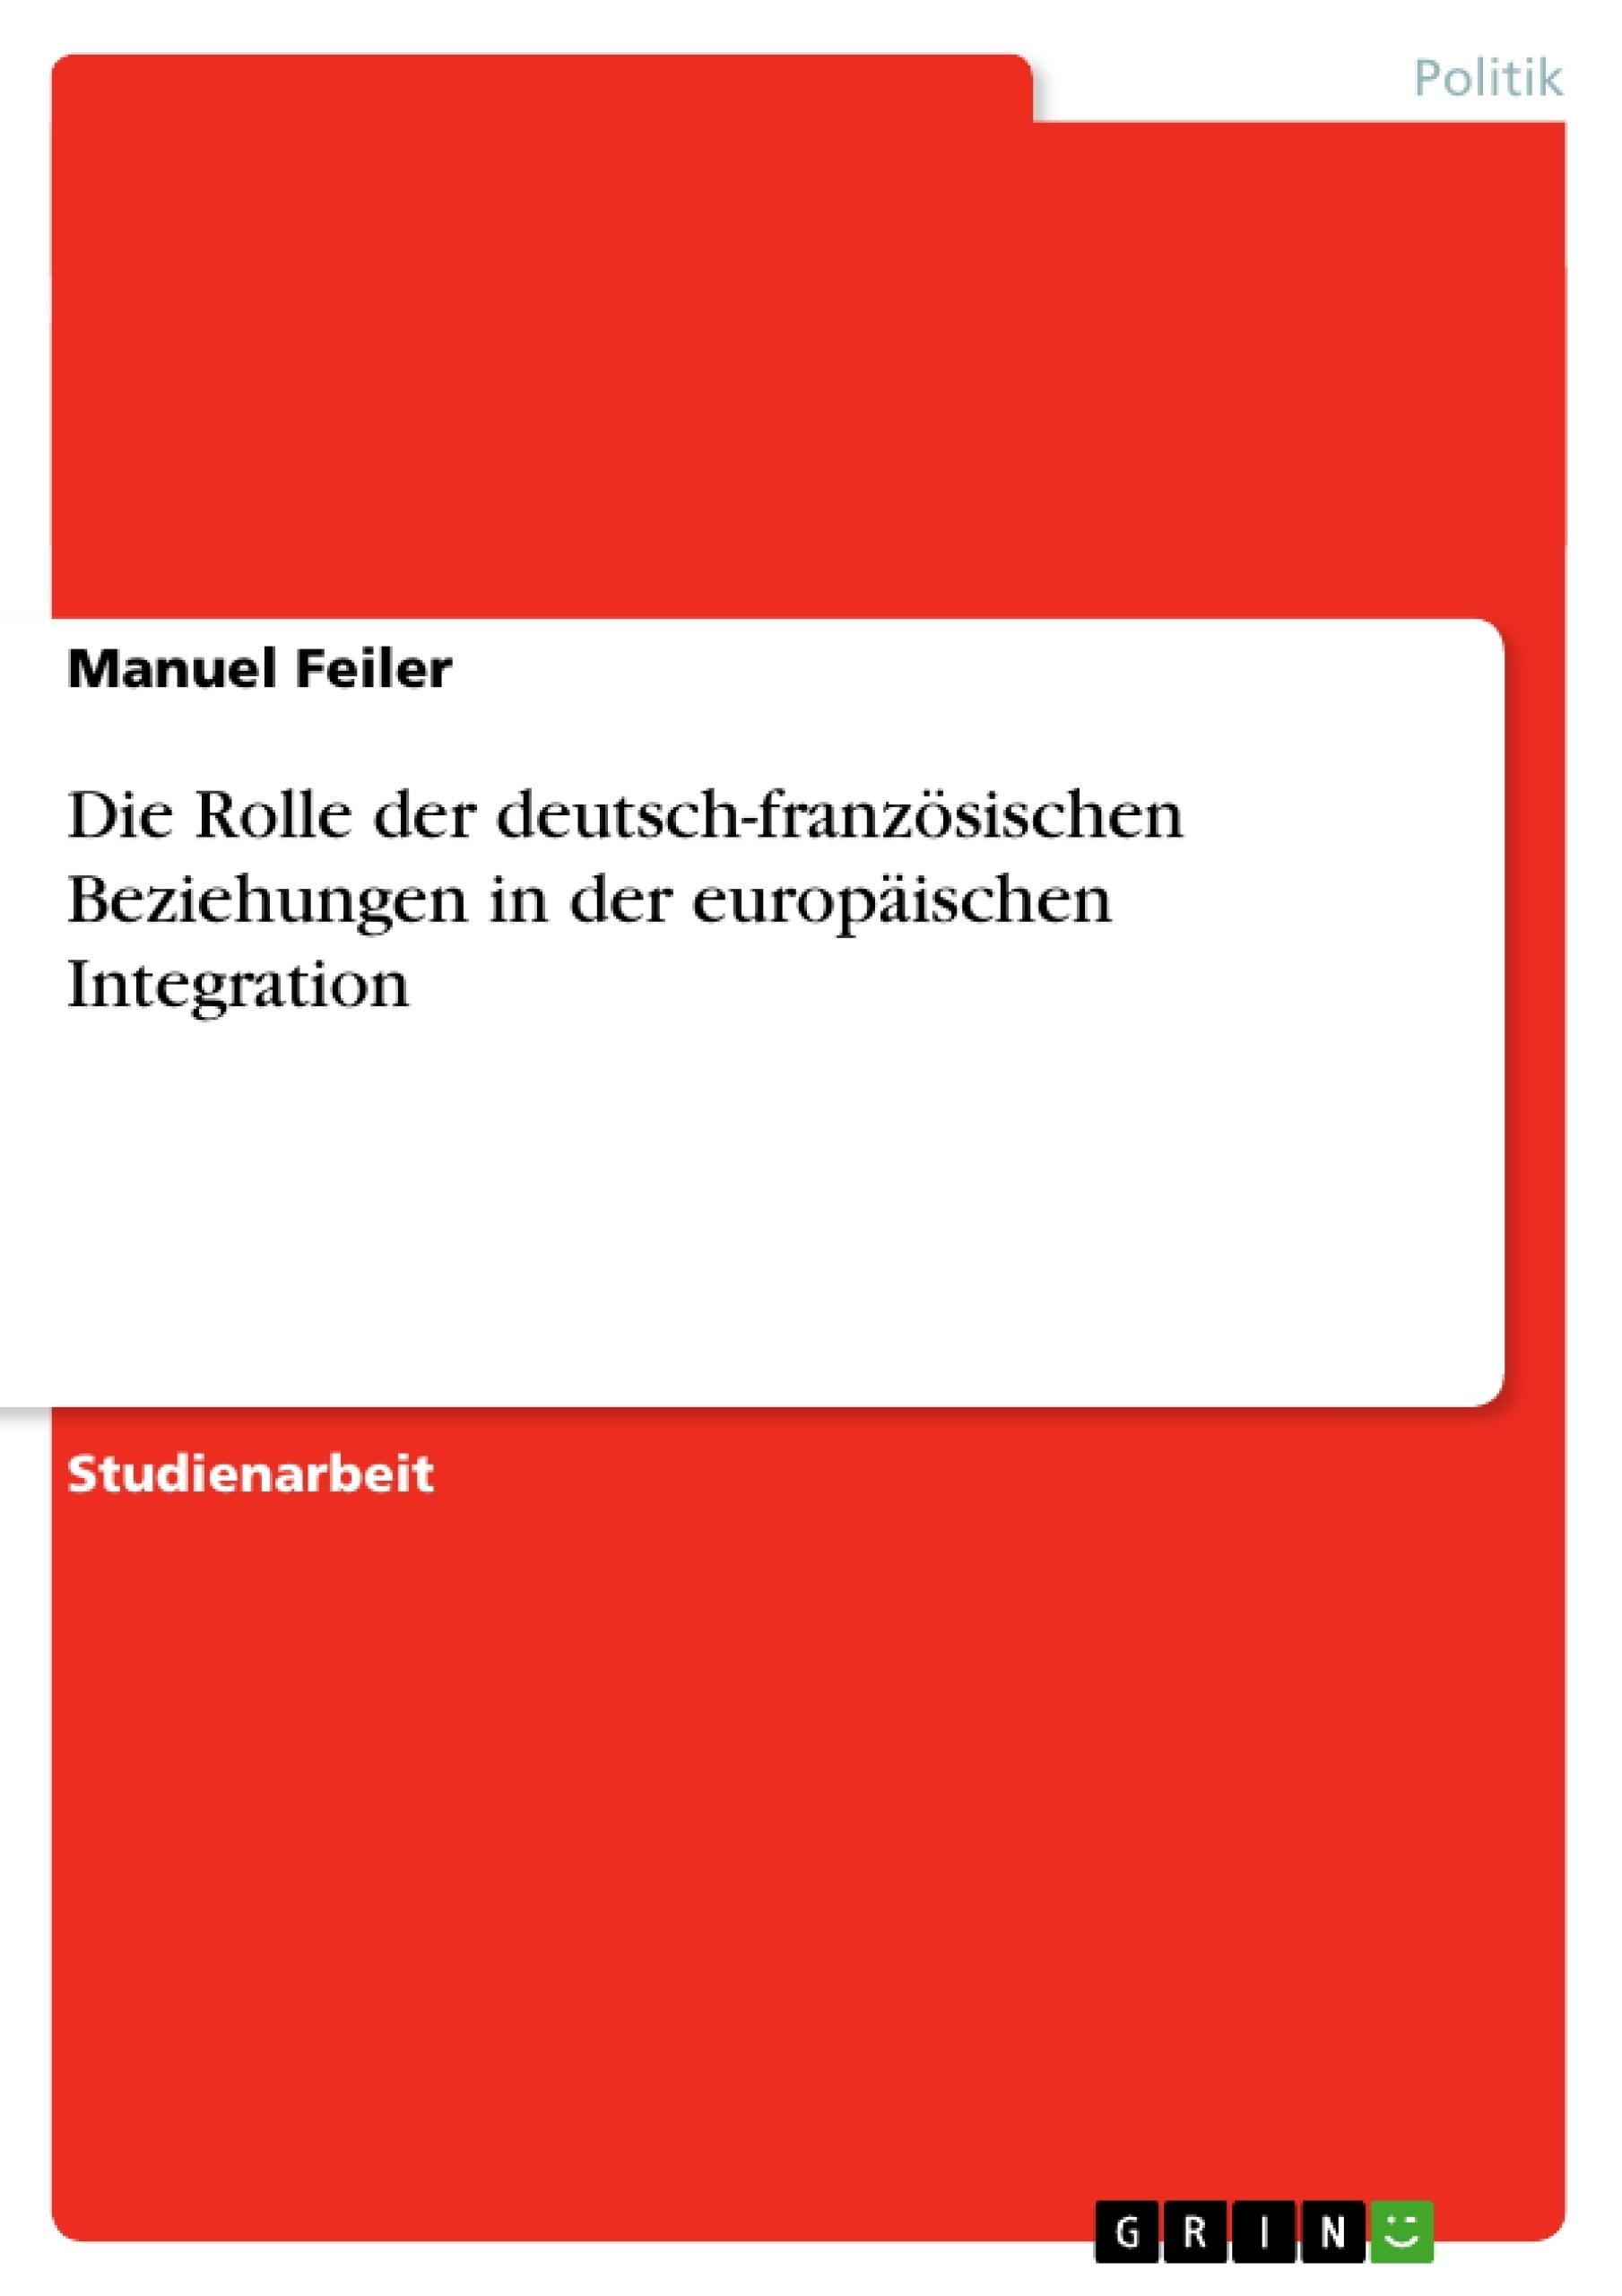 Titel: Die Rolle der deutsch-französischen Beziehungen in der europäischen Integration